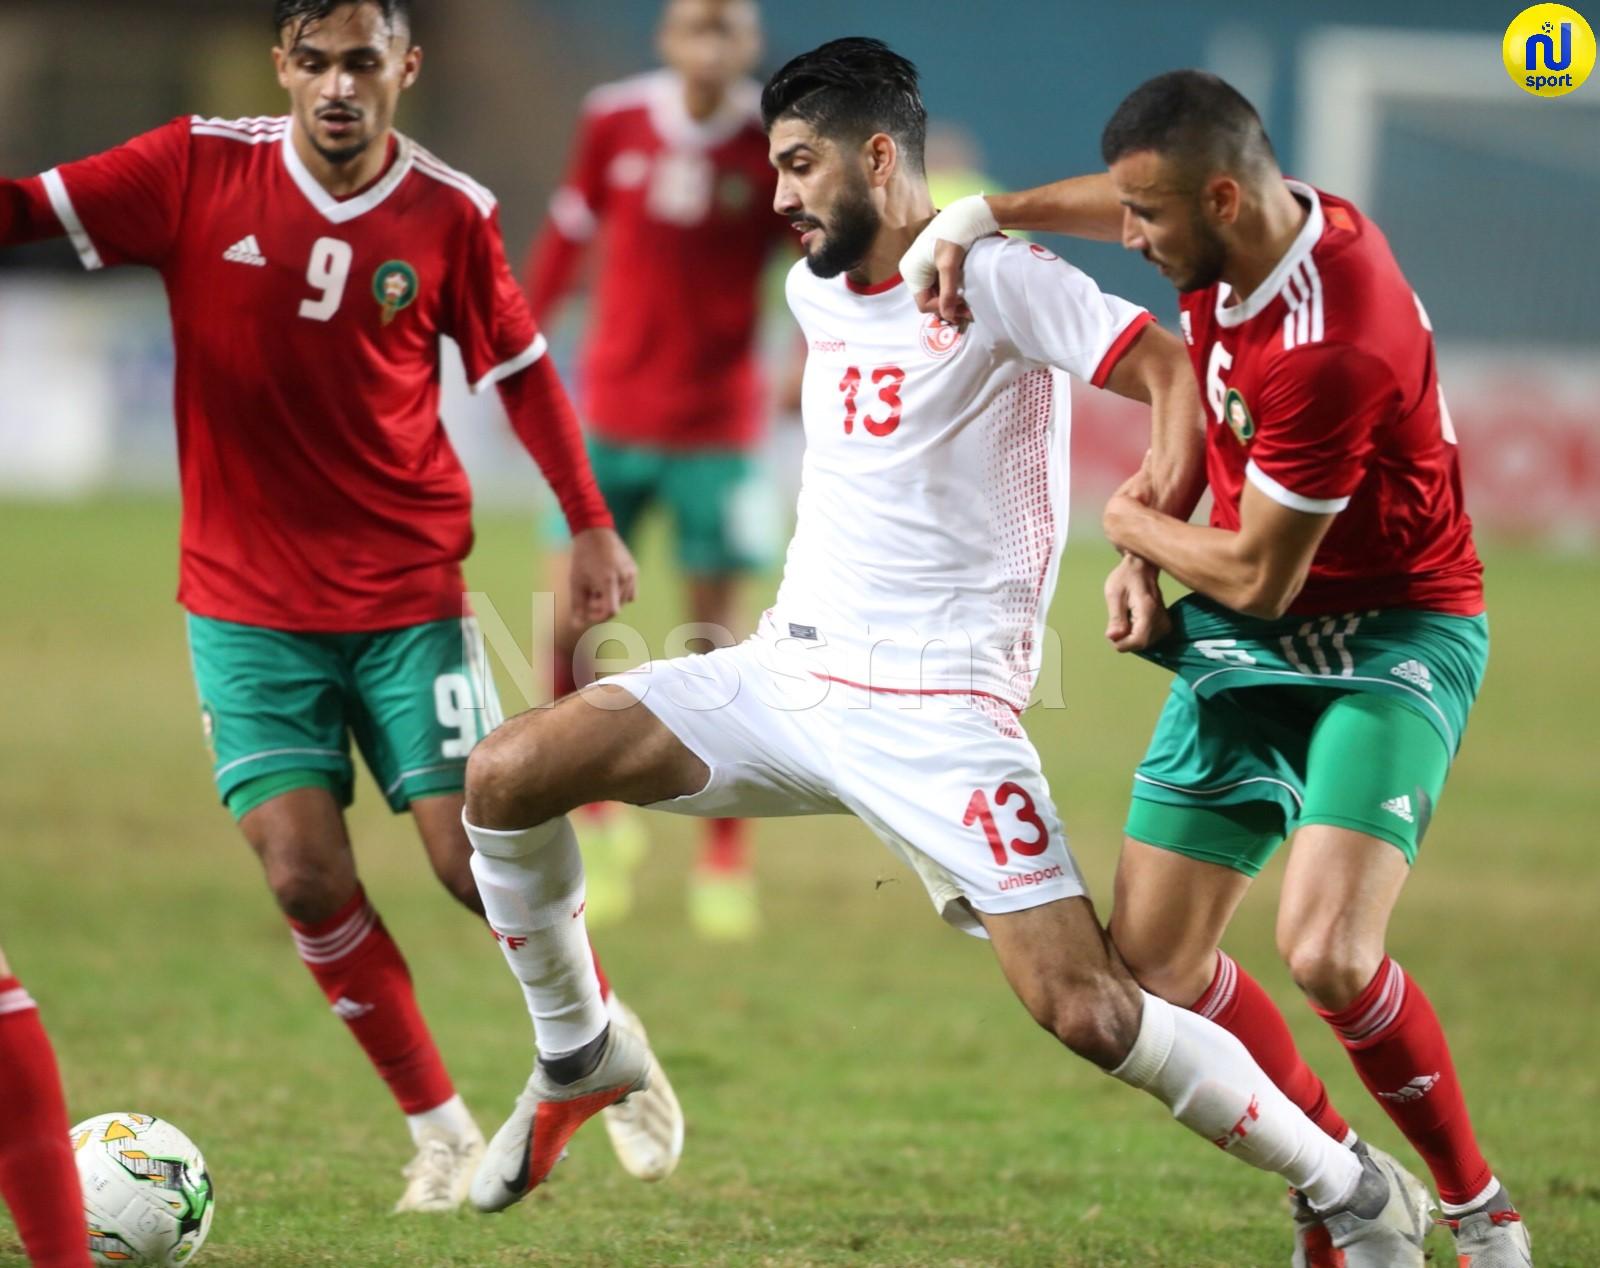 صور الشوط الأول لمباراة المنتخب الوطني التونسي و المنتخب المغربي